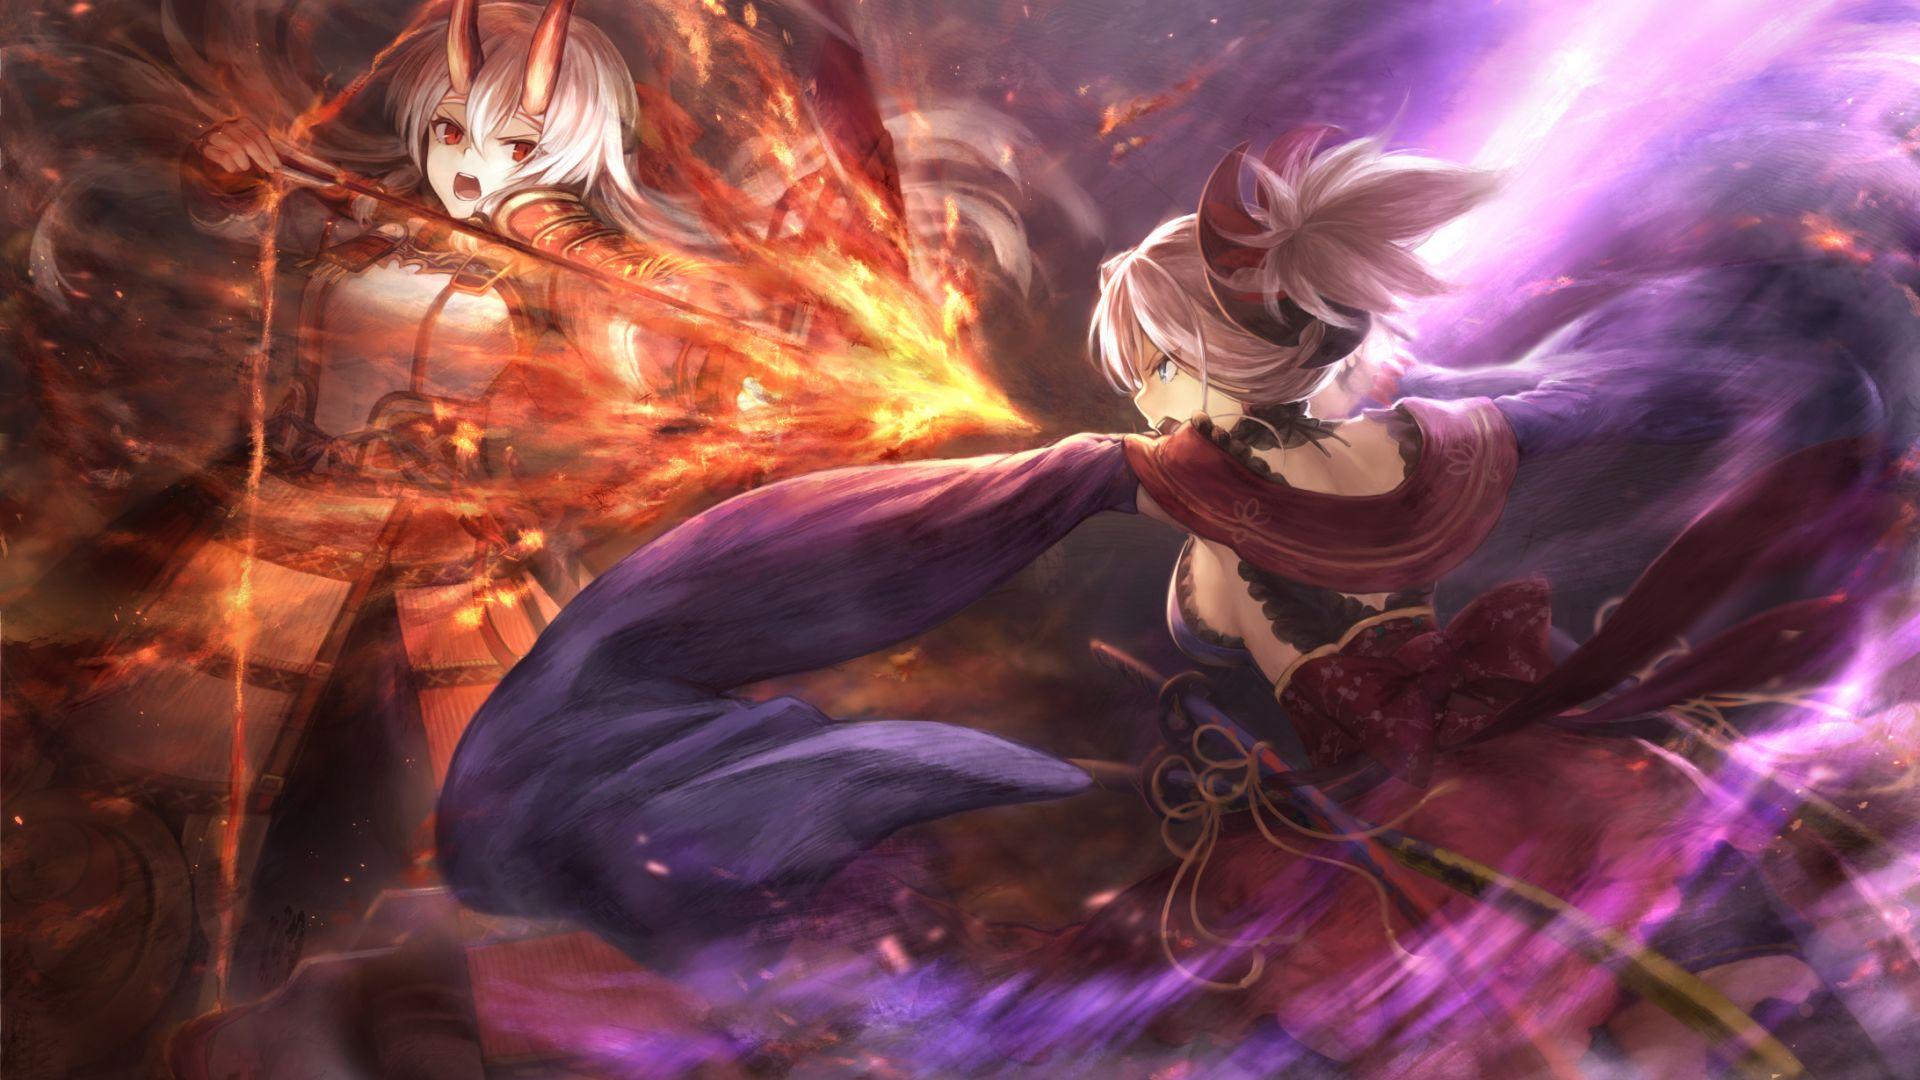 Desktop Wallpaper Anime Girls Archer Miyamoto Musashi